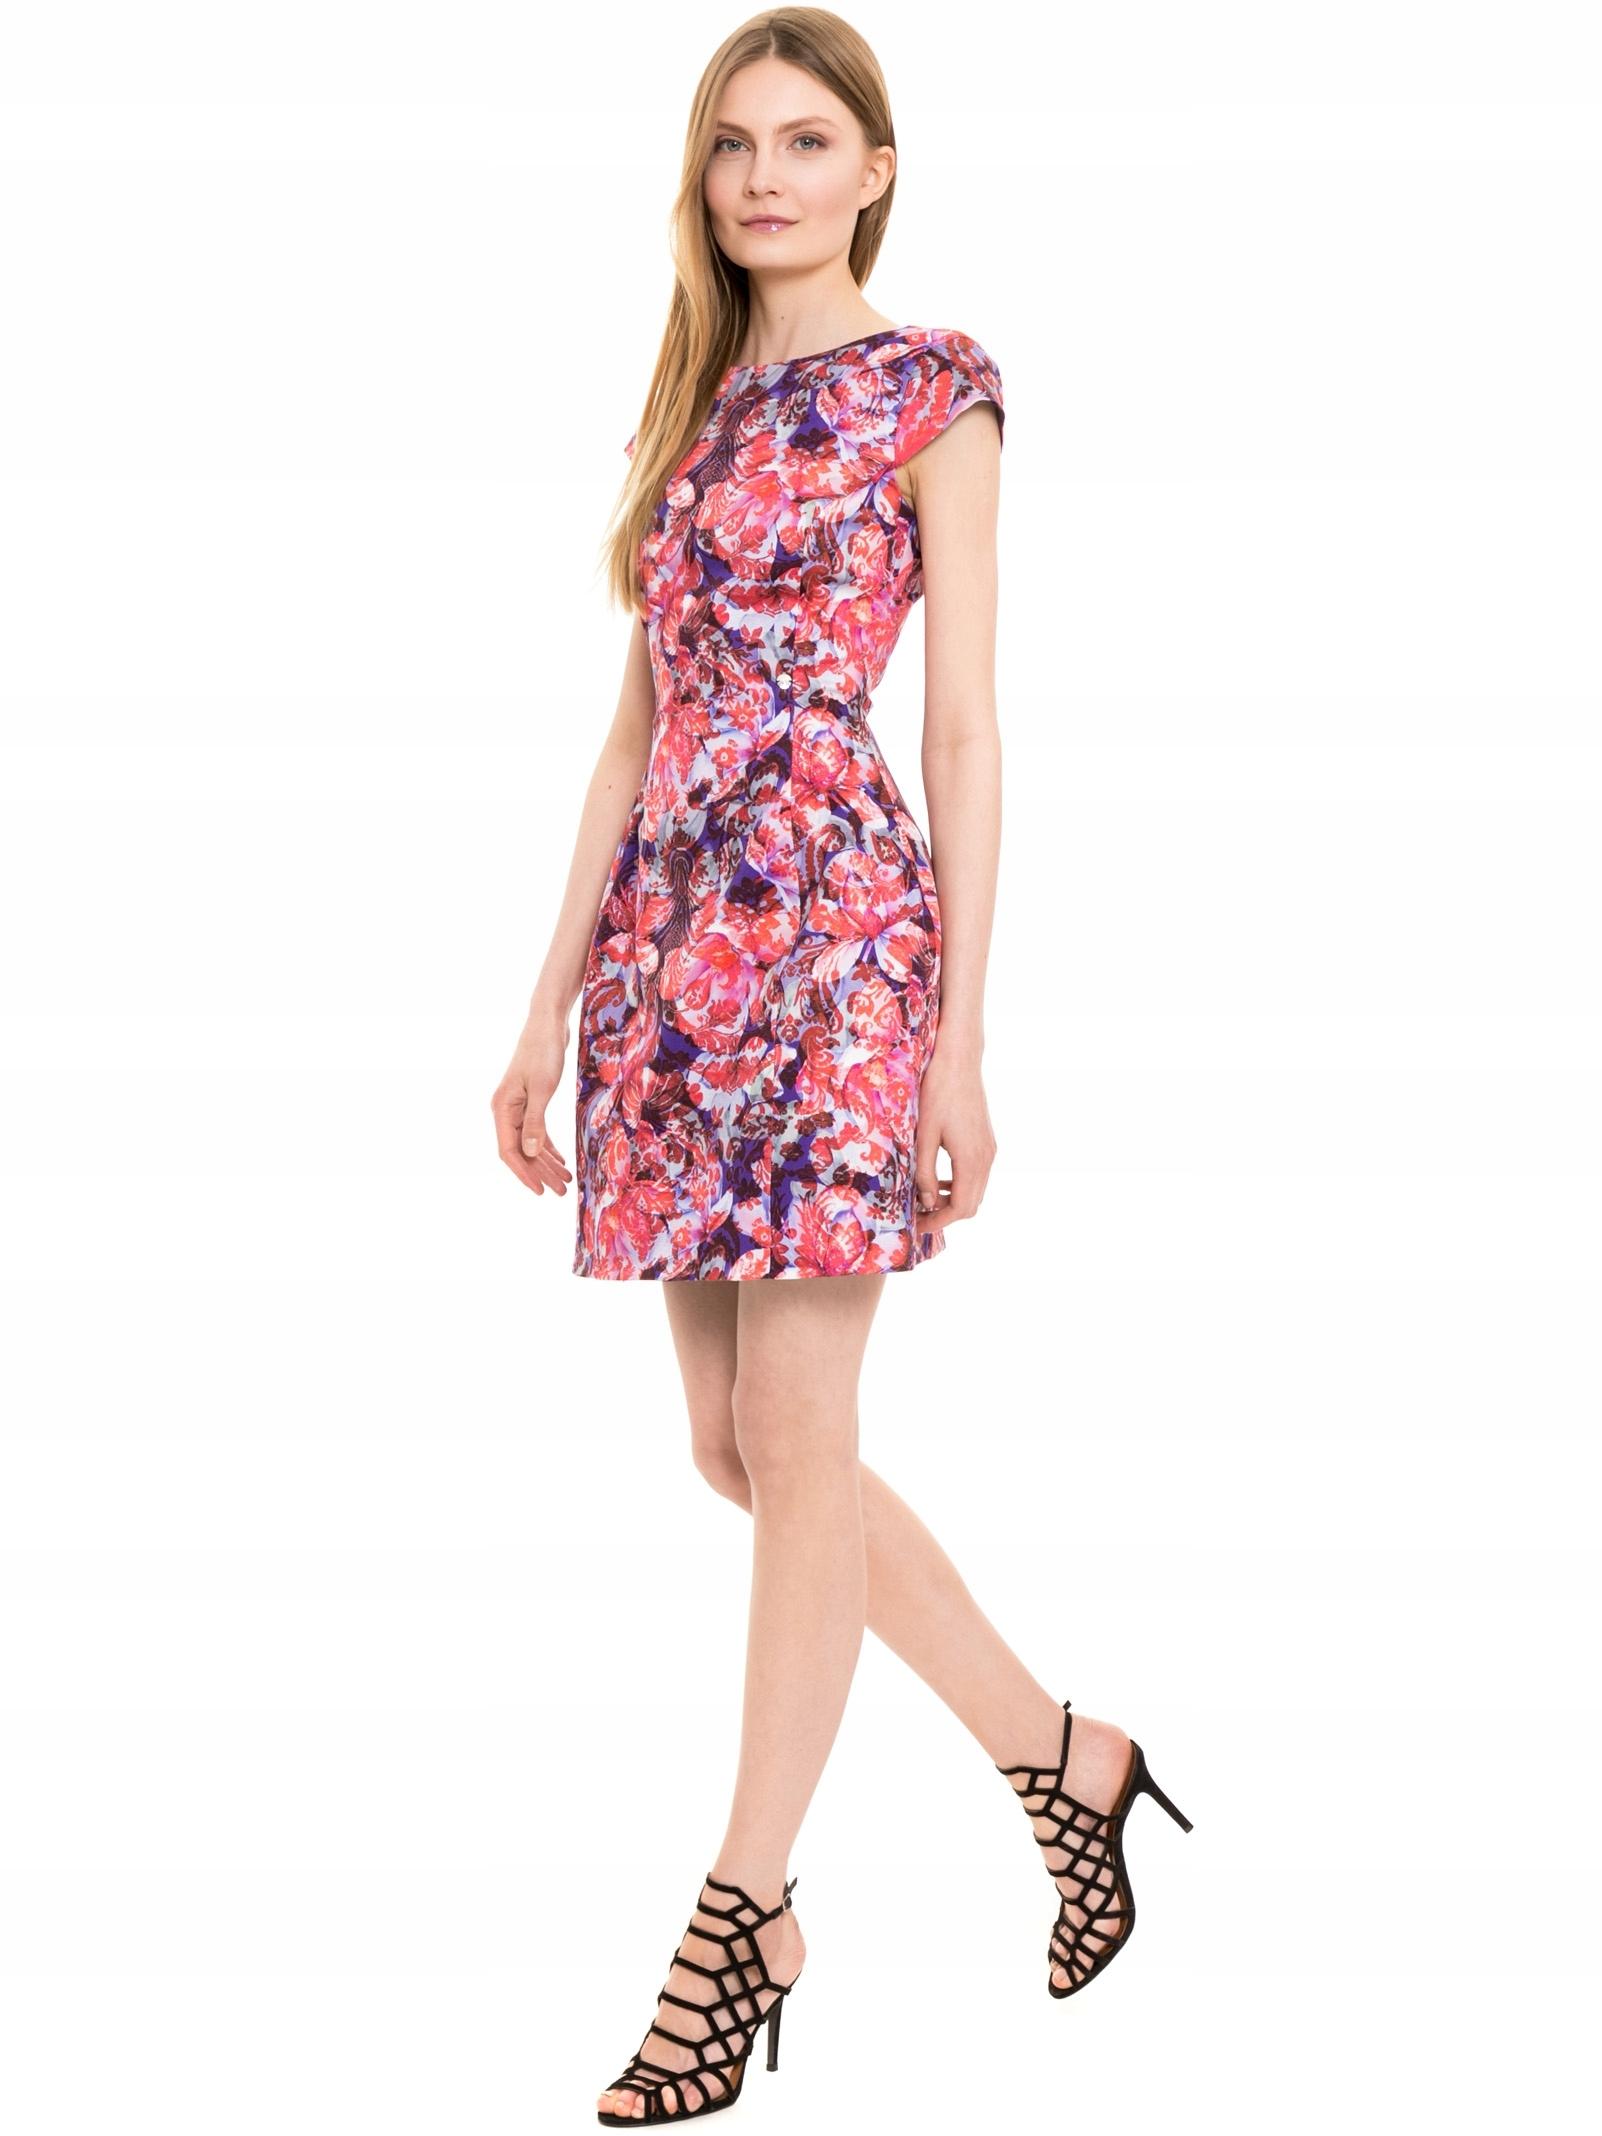 c974a03dc4 Sukienka SIMPLE rozmiar 40 - 7676101656 - oficjalne archiwum allegro